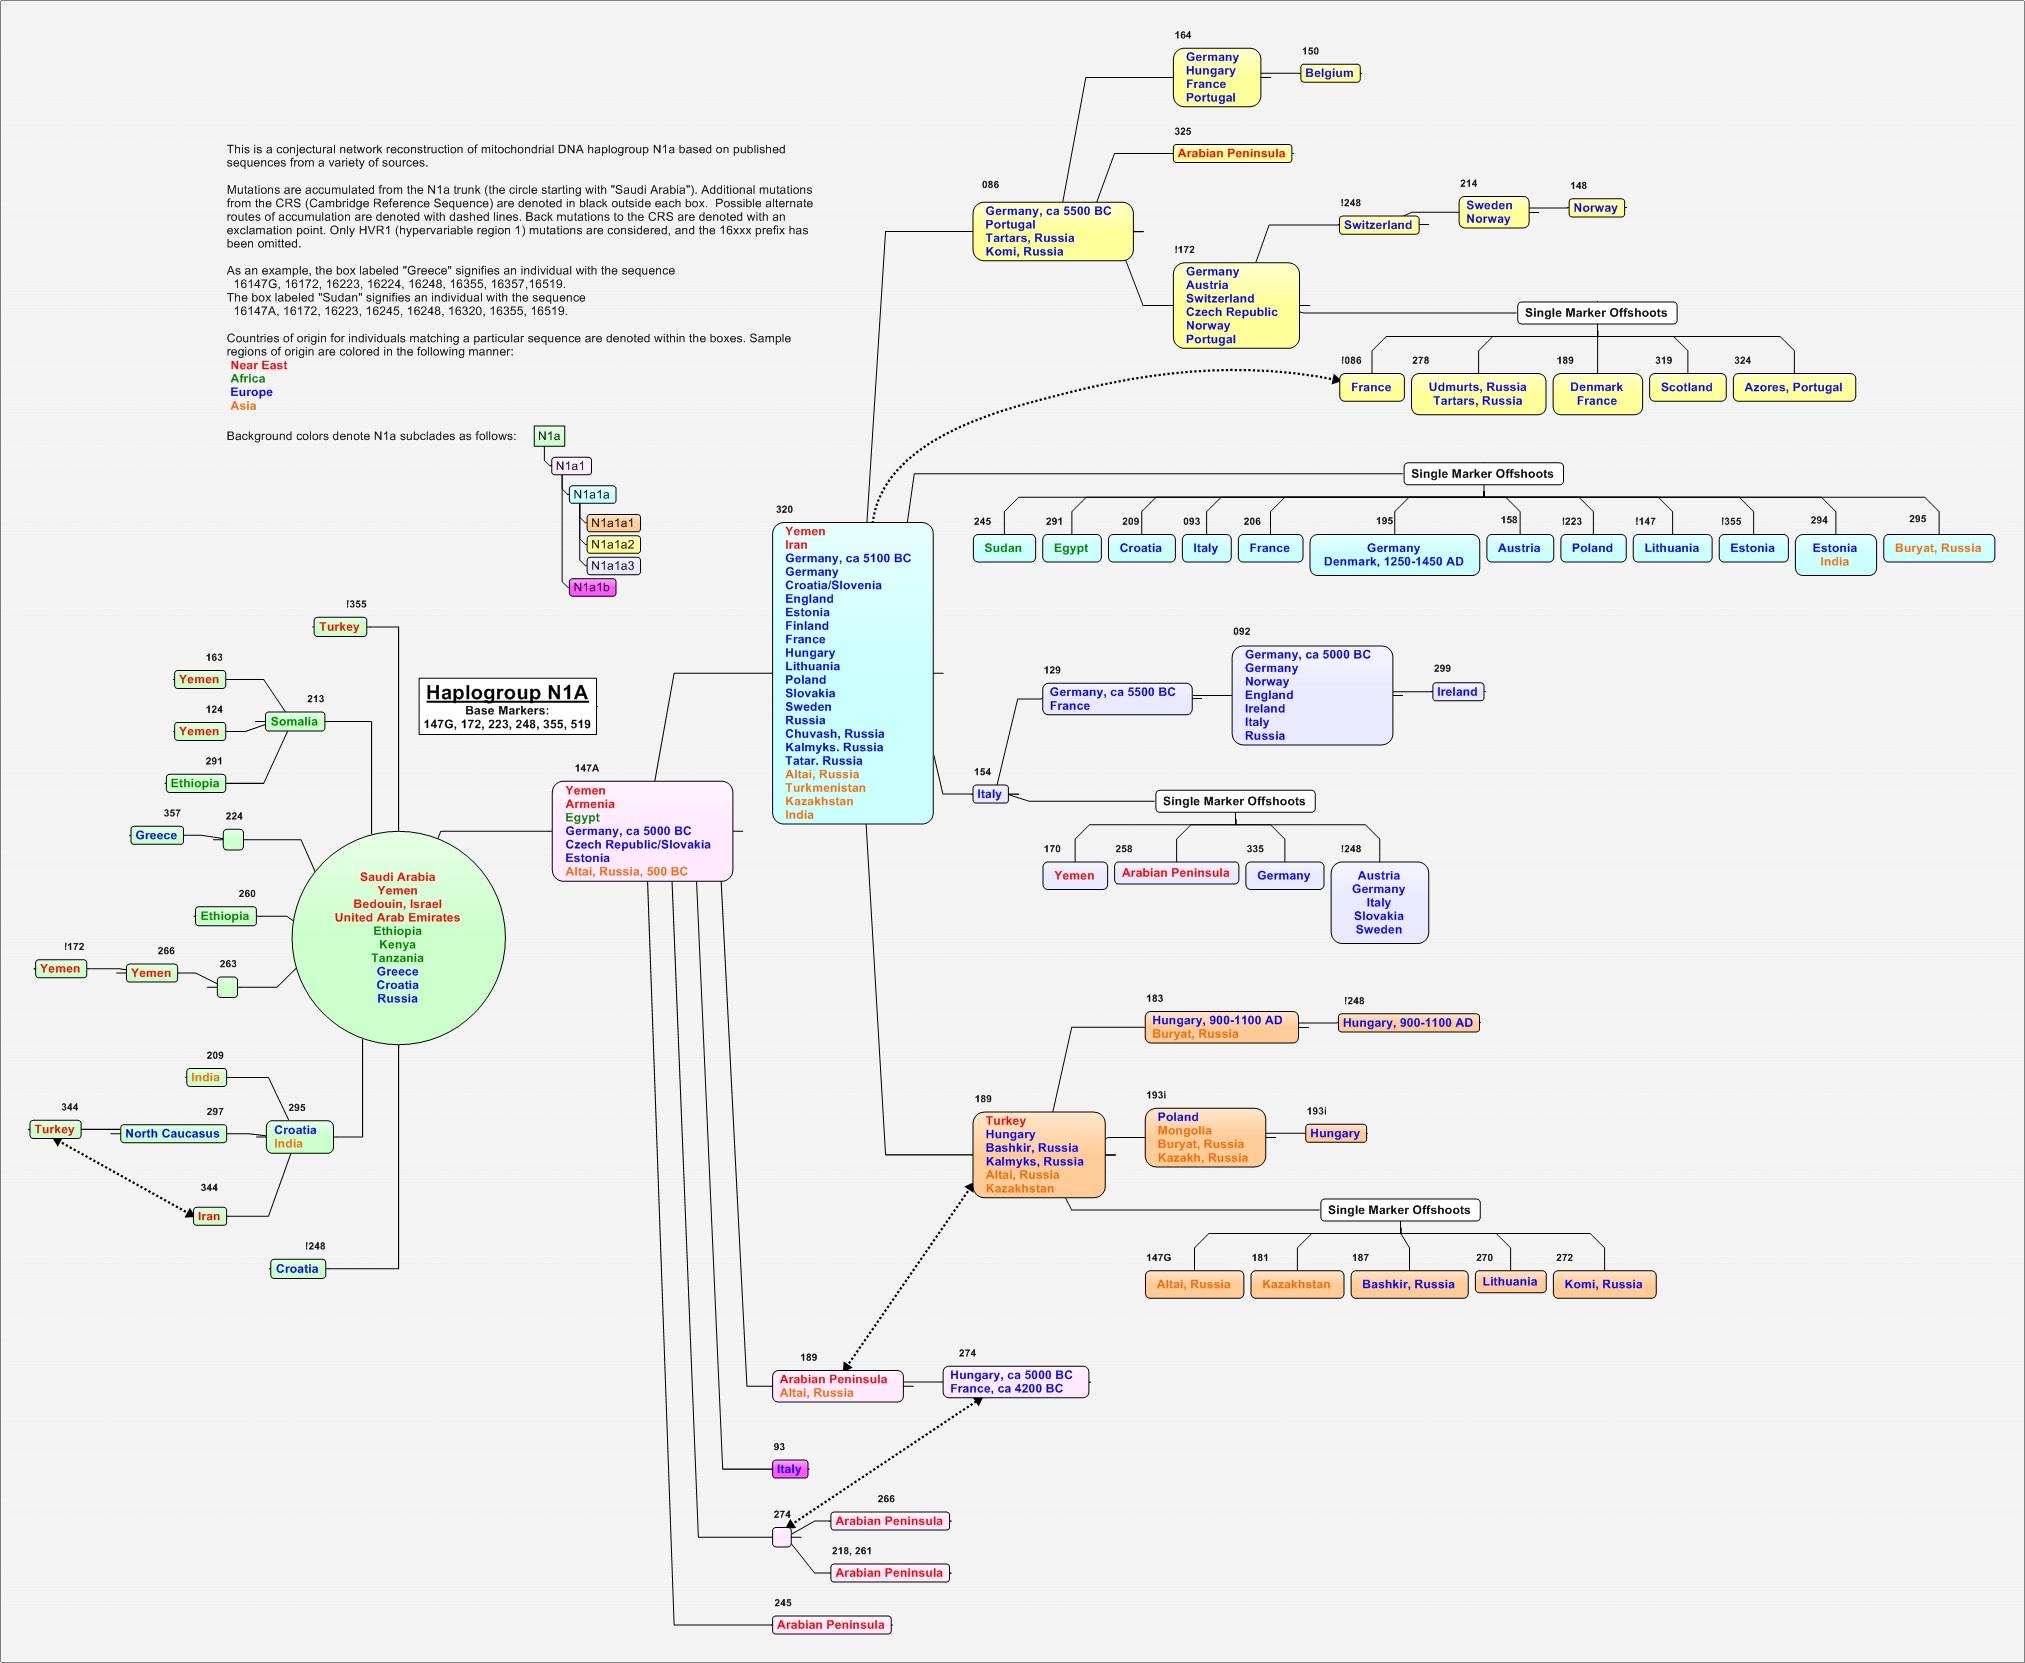 https://i0.wp.com/upload.wikimedia.org/wikipedia/commons/b/b6/N1a_Phylotree.jpg